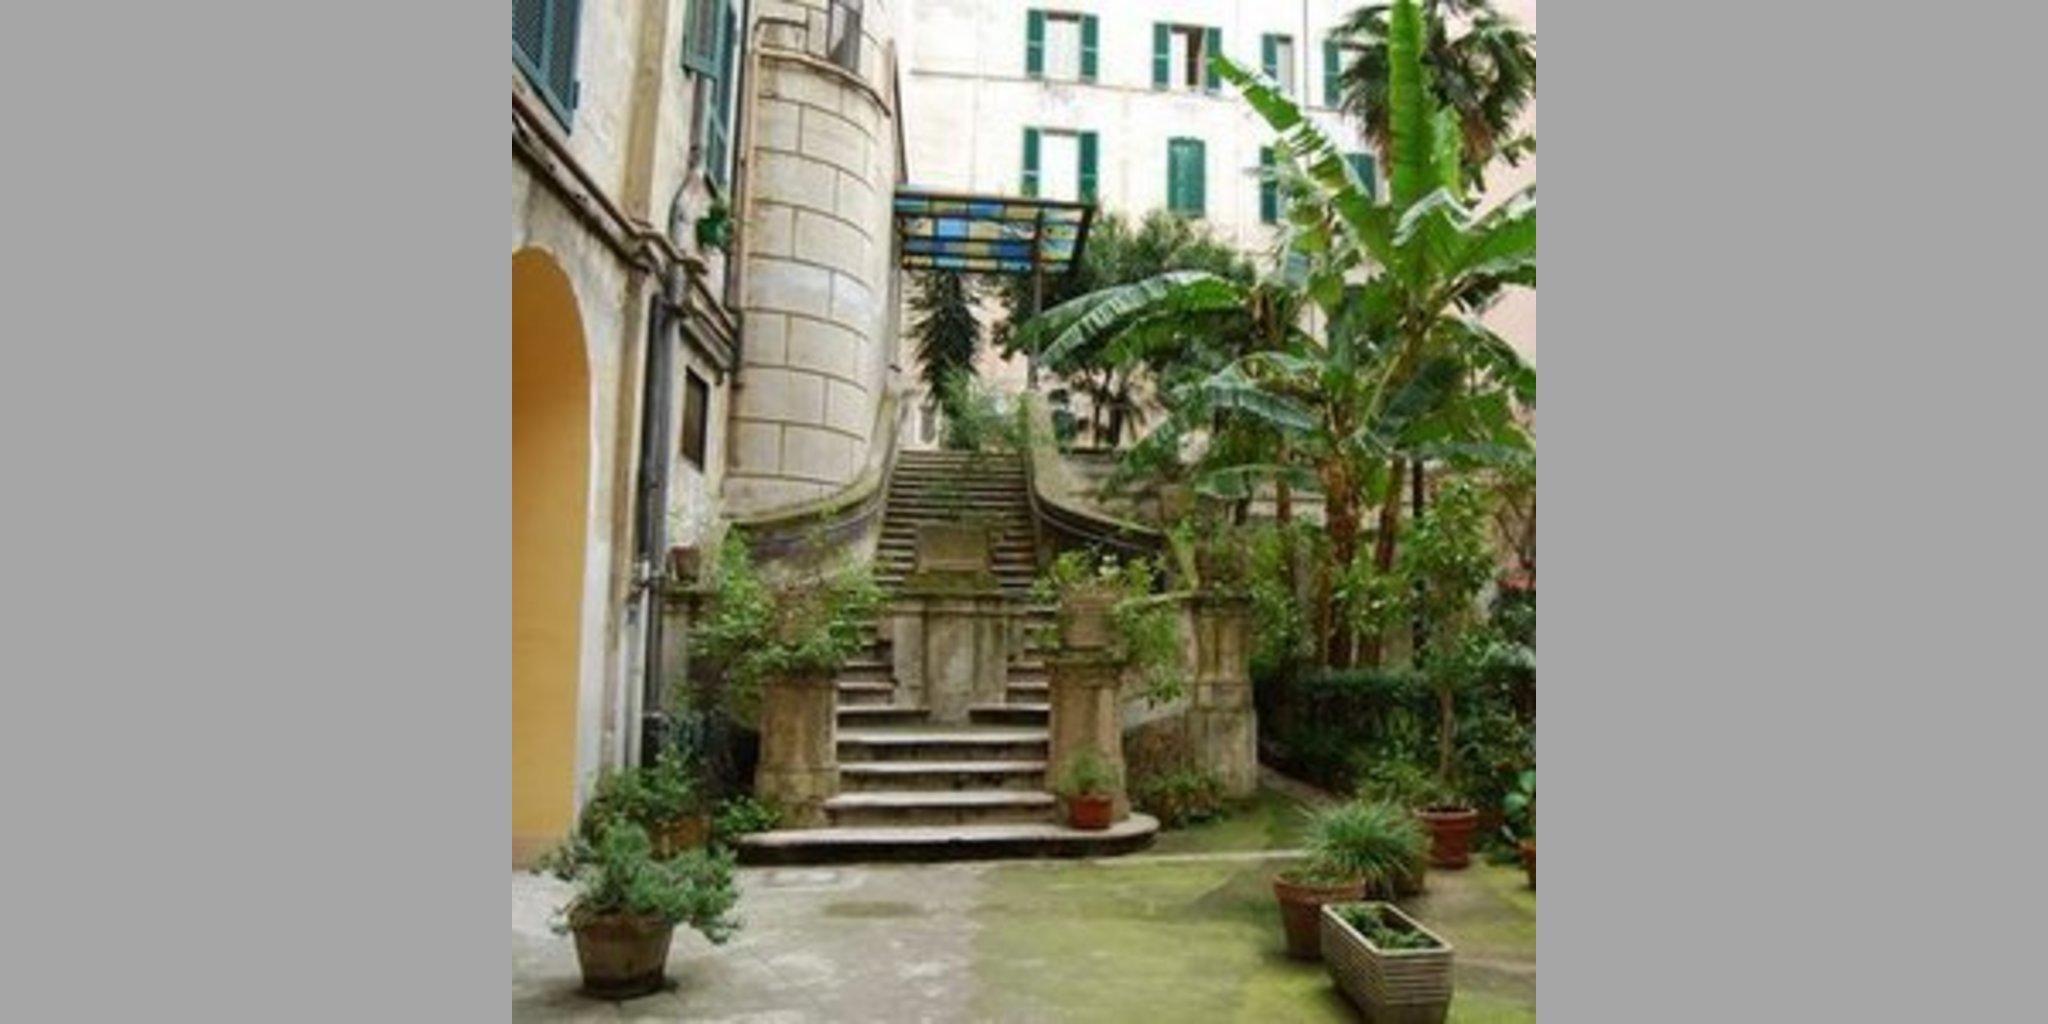 Rome Bed And Breakfast Rome B B Italy Bbitalia